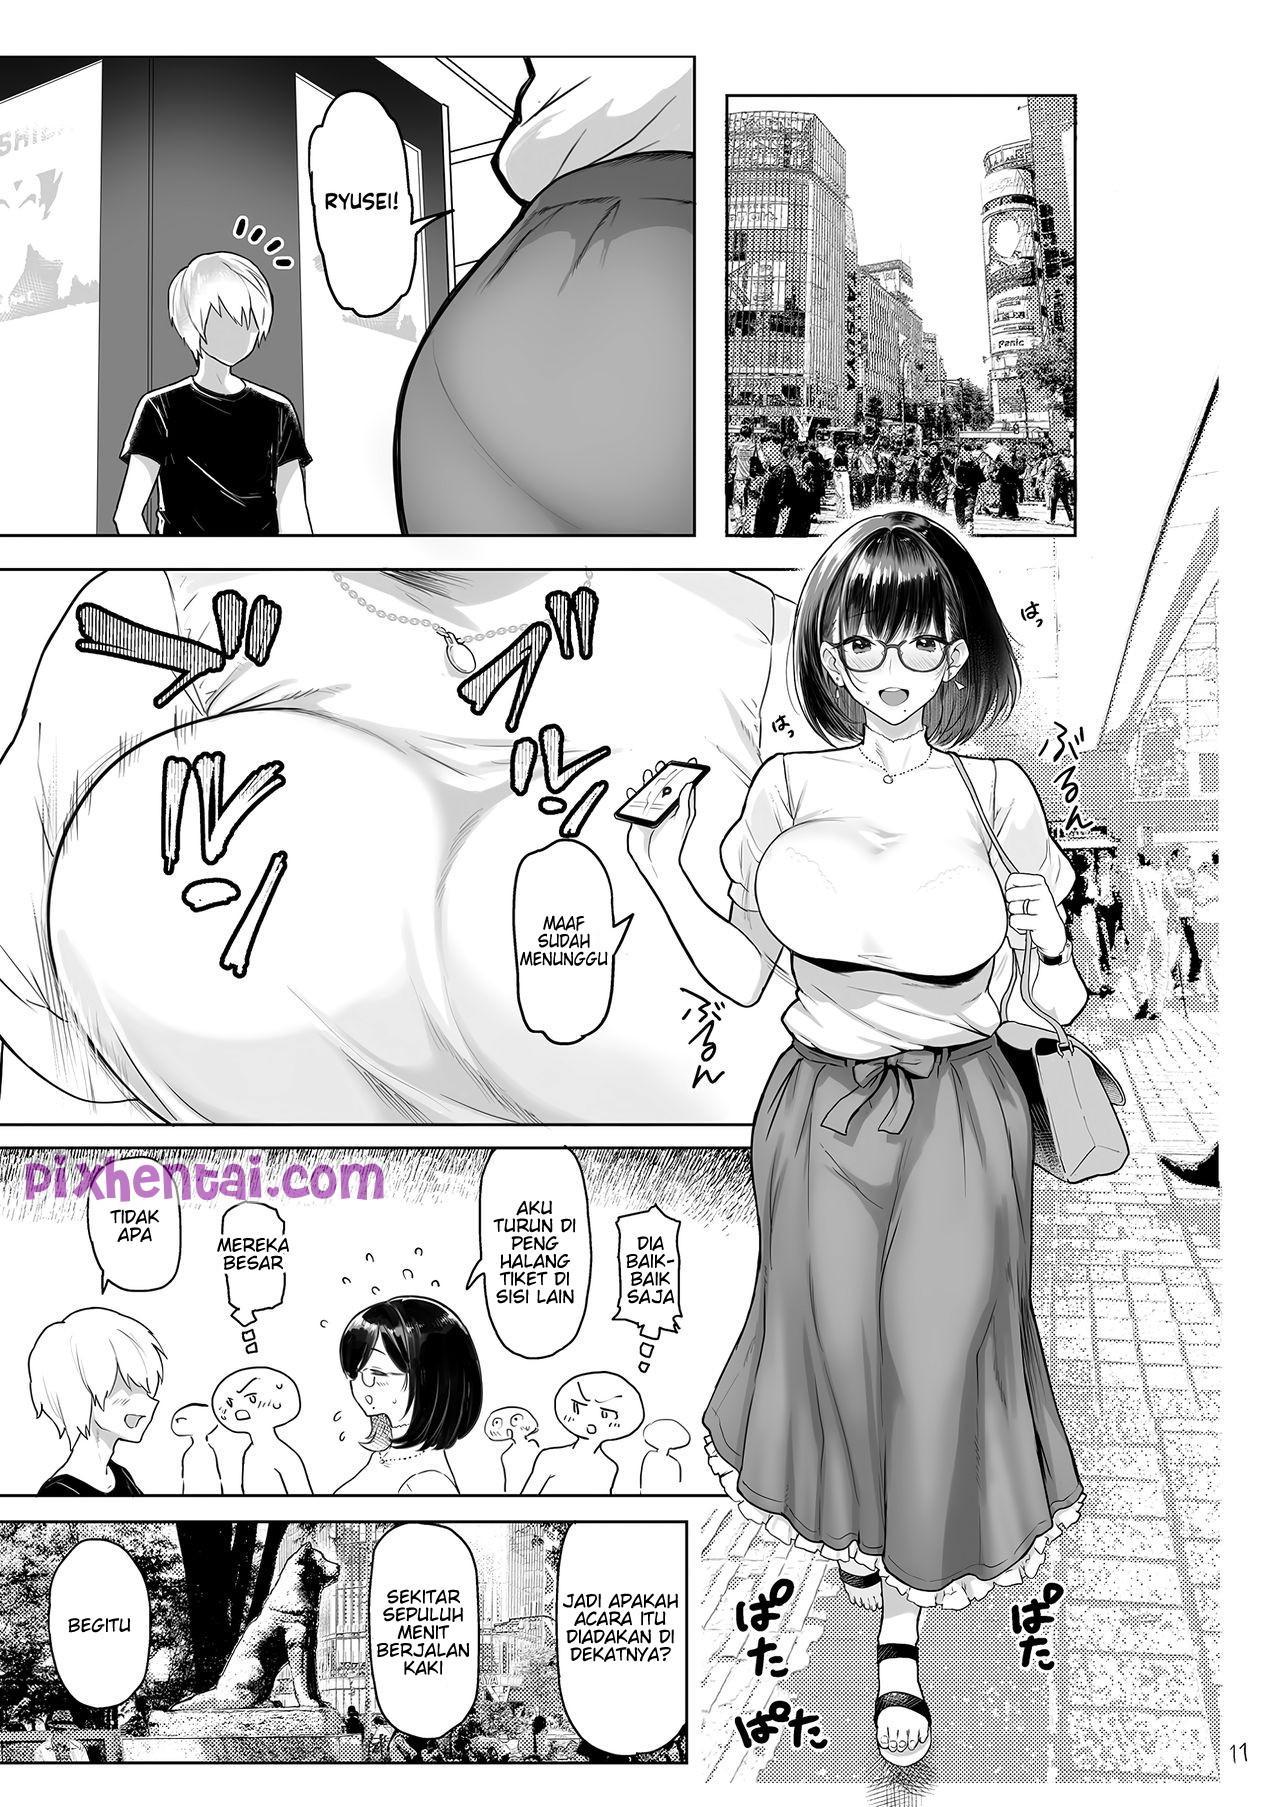 Komik hentai xxx manga sex bokep menghamili wanita bersuami dari guild member game 12